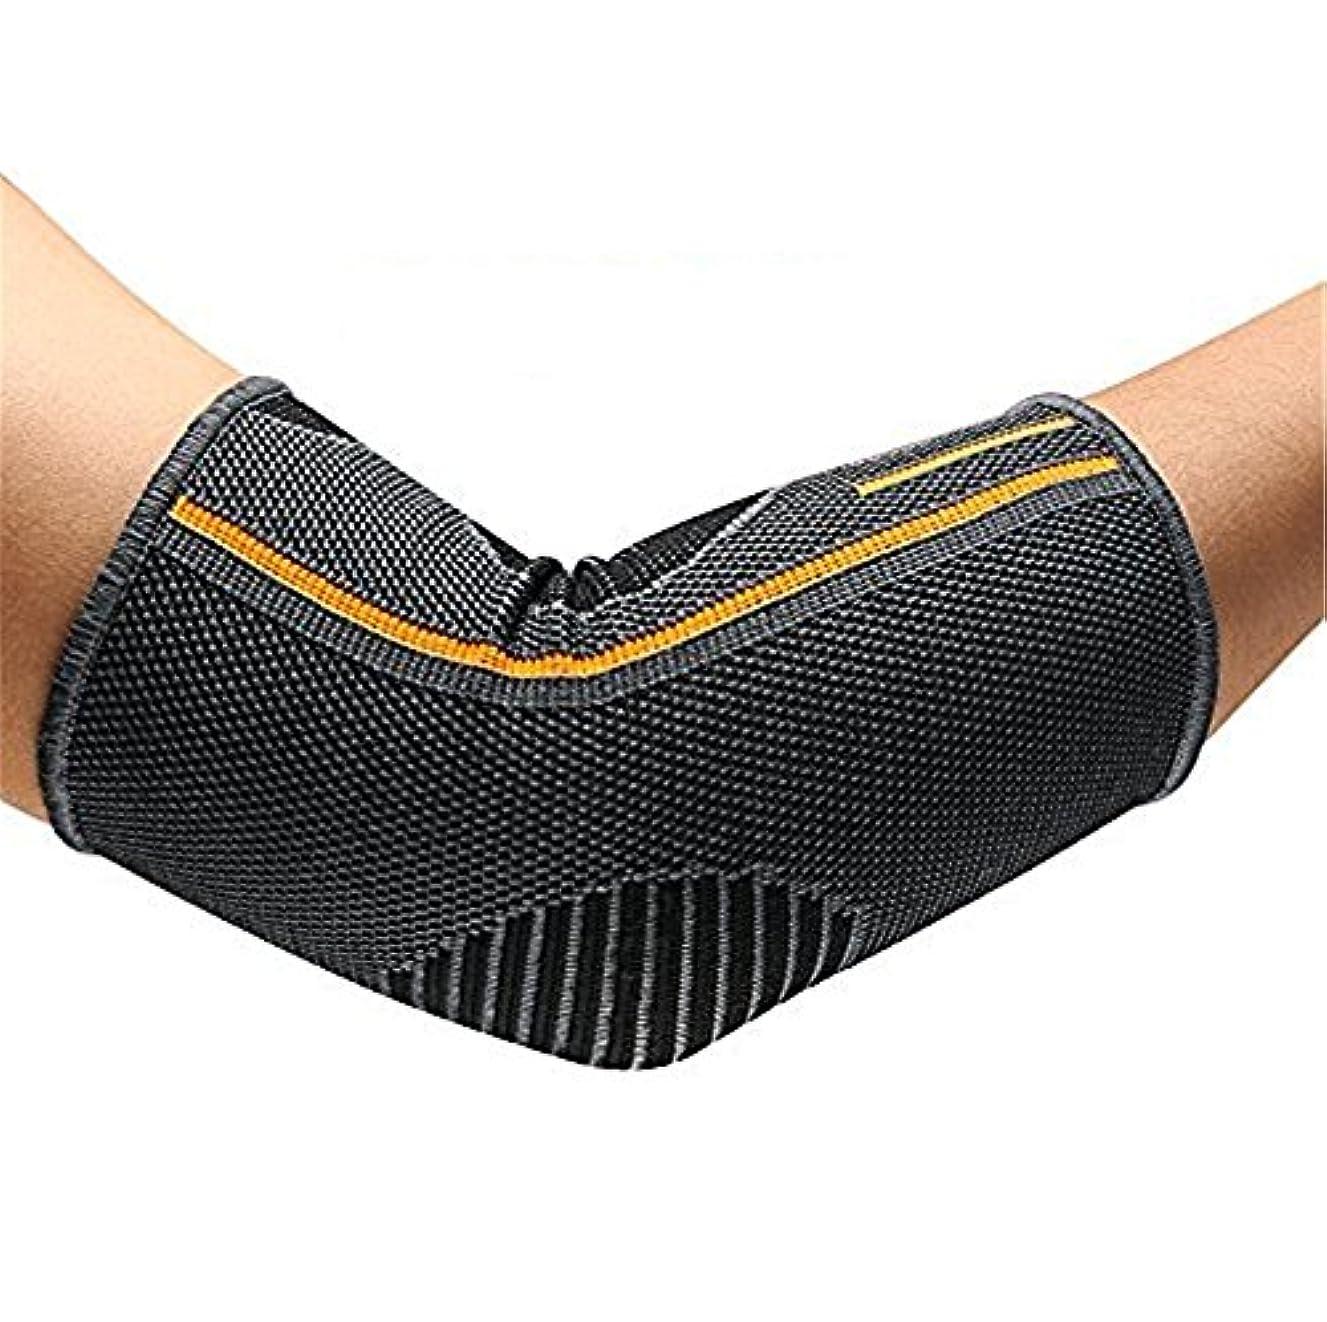 首謀者砂利カウボーイZSZBACE 肘サポート 肘固定 伸縮性 保温性 通気性 滑り止め 怪我防止 ひじ用中圧迫サポーター 2枚セット (グレー, L:30cm-35cm)